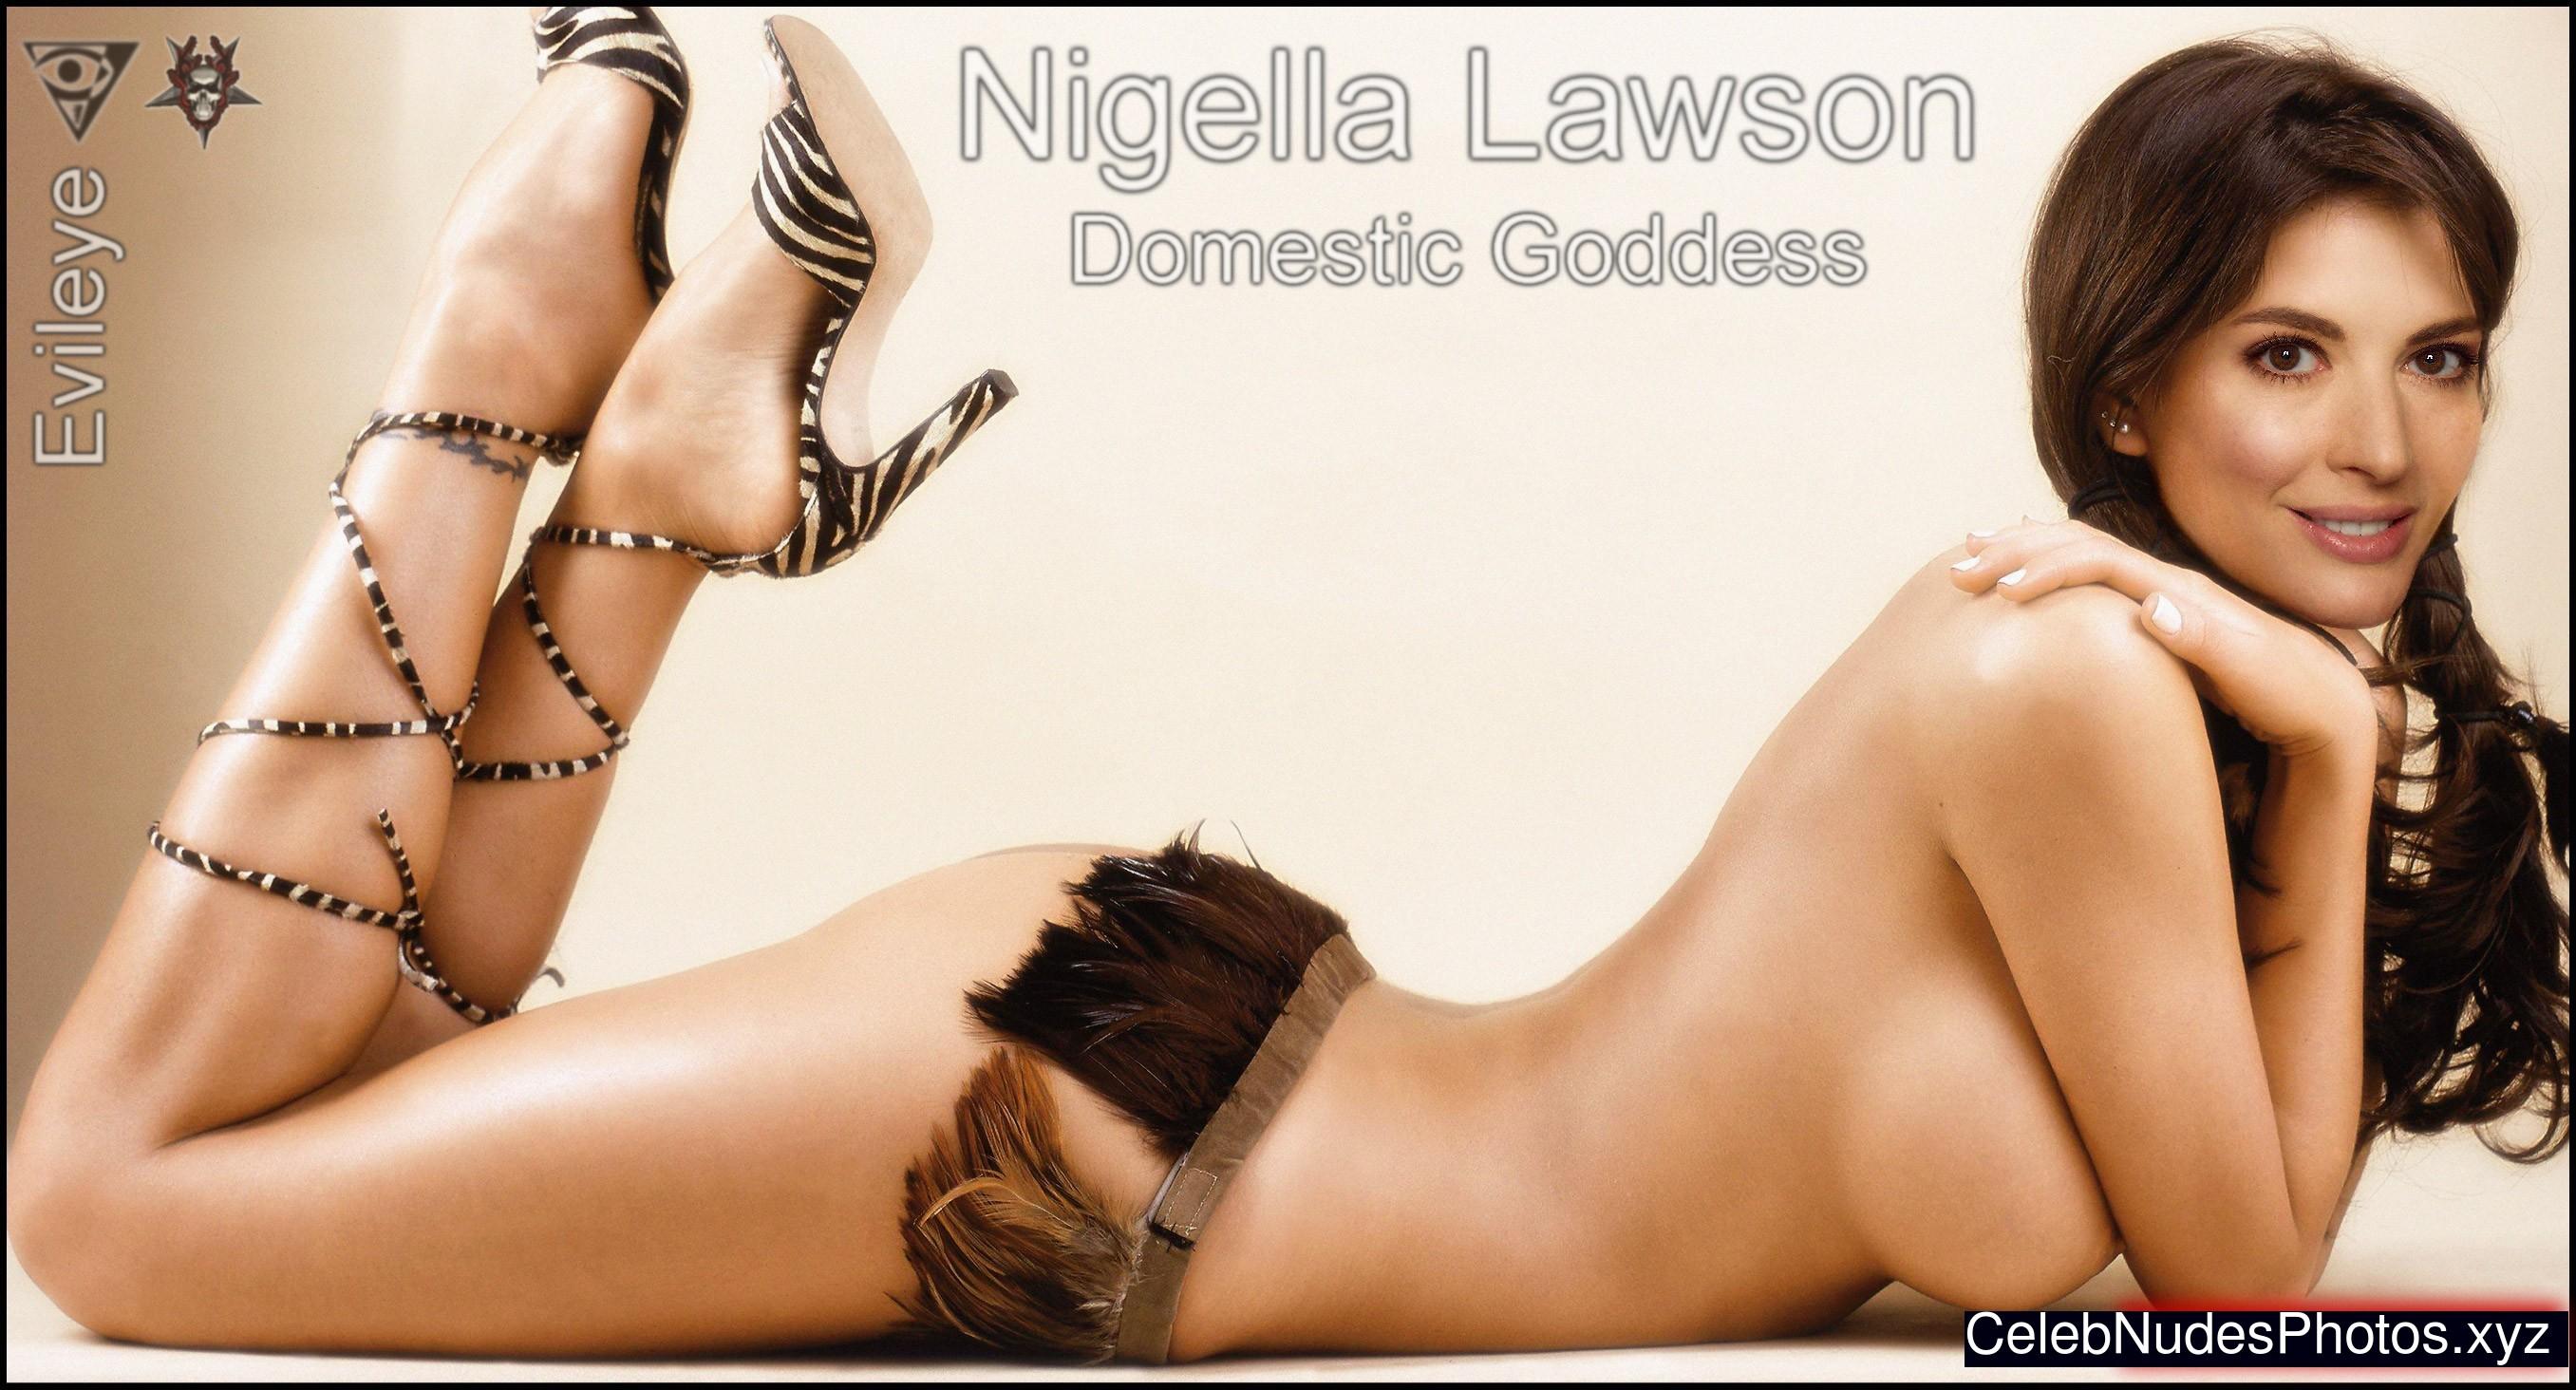 Photos nigella lawson nude